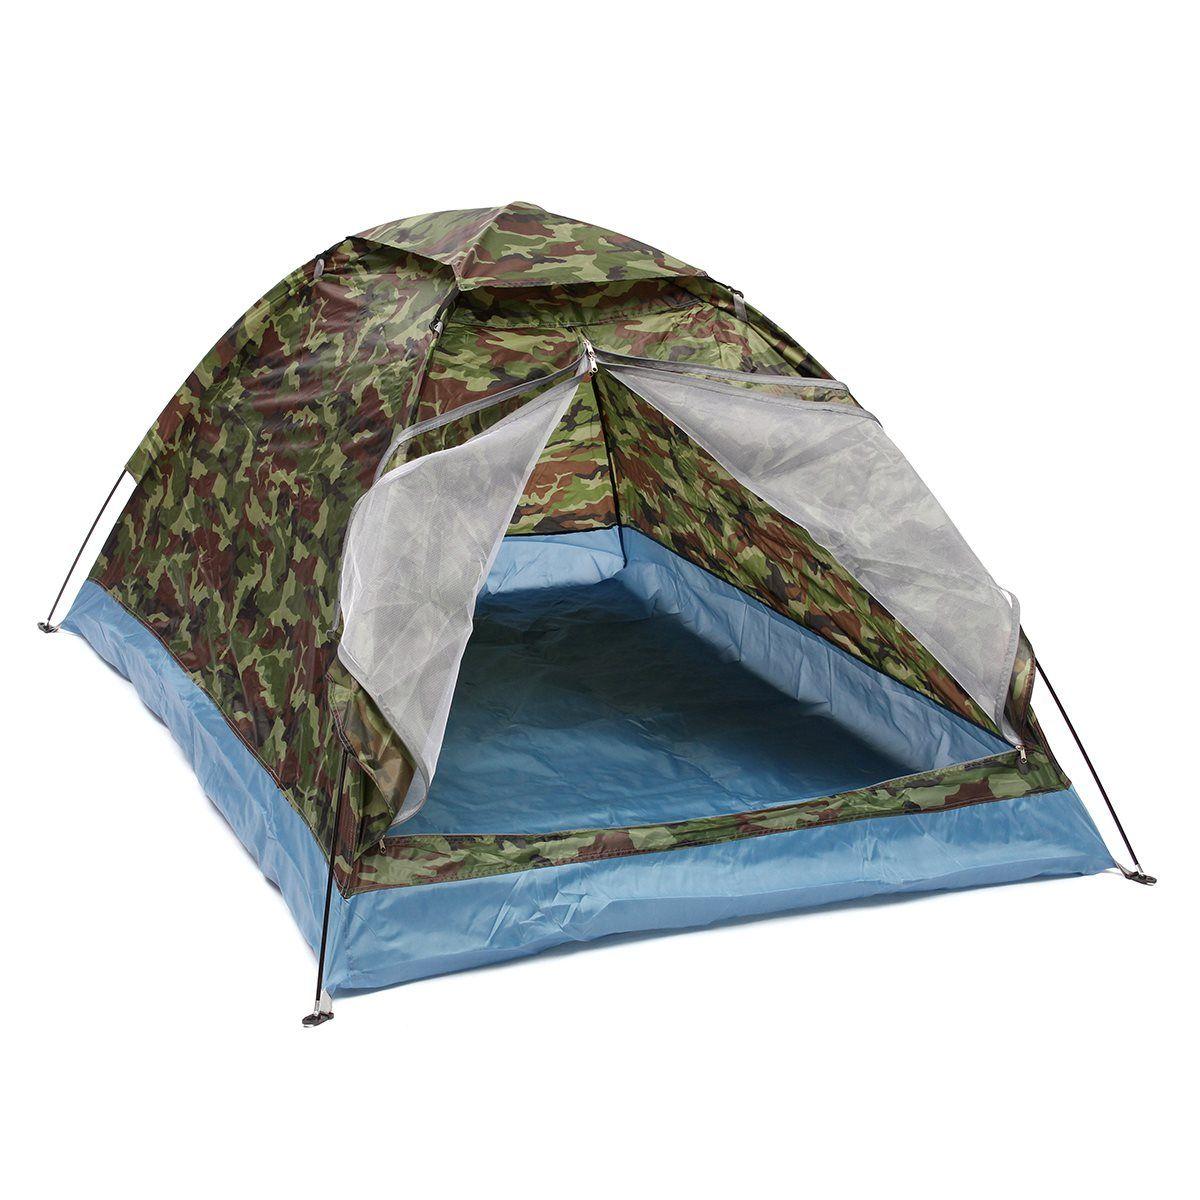 Outdoor 200*140*110 cm Oxford tuch PU wasserdichte beschichtung 4 jahreszeiten 2 menschen single layer Tarnung camping wandern zelt